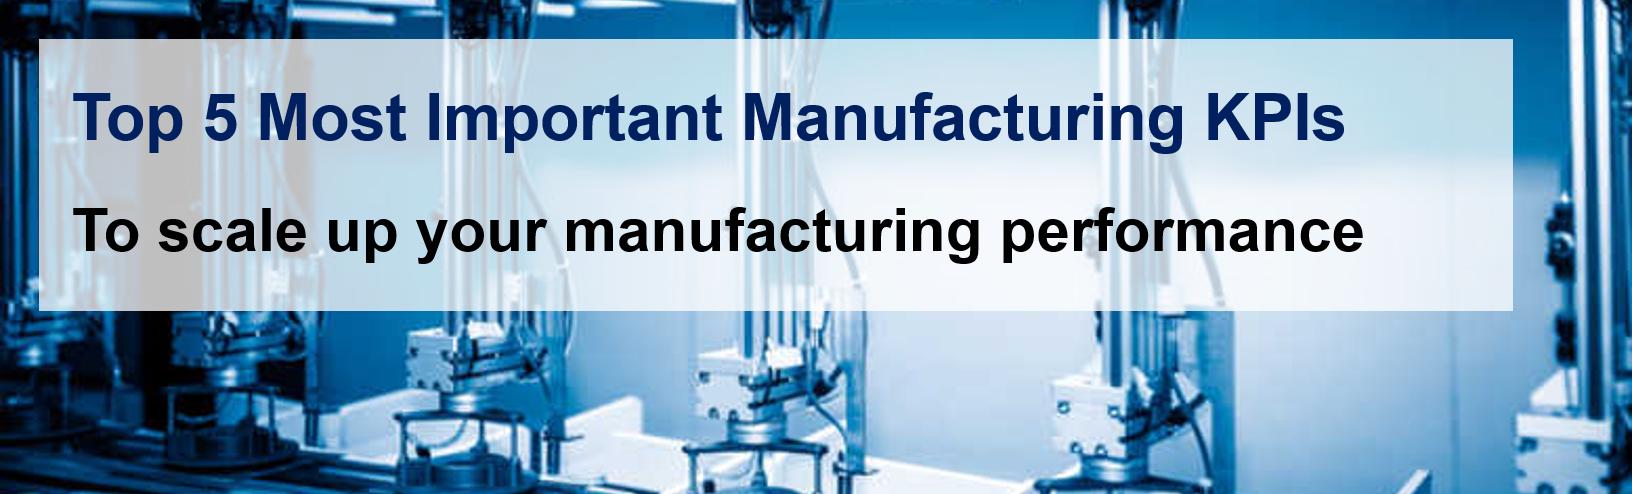 manufacturing kpis